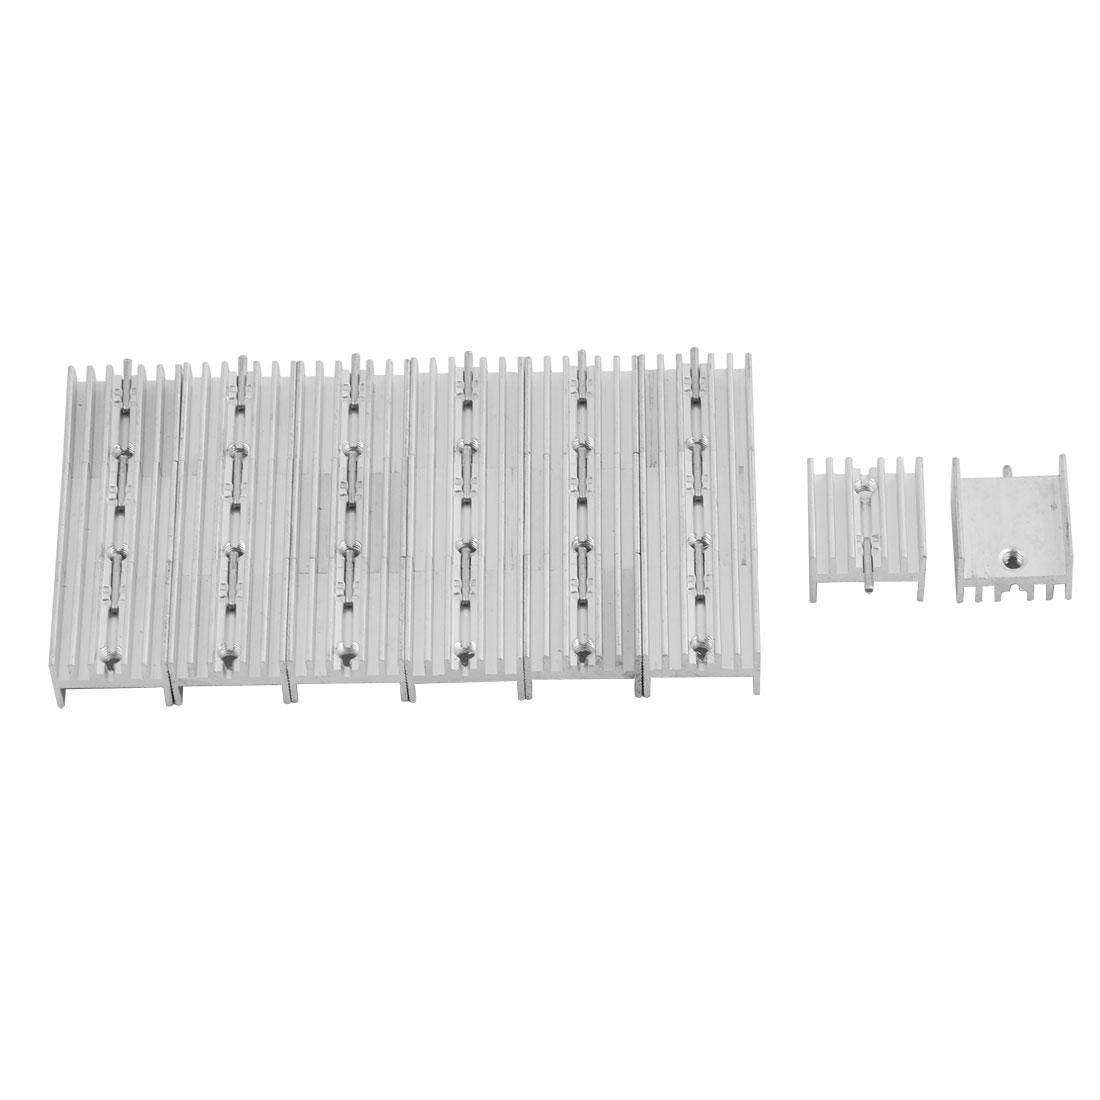 Aluminium Heat Diffuse Cooling Fin Cooler Silver Tone 15mm x 16mm x 10mm 20 Pcs